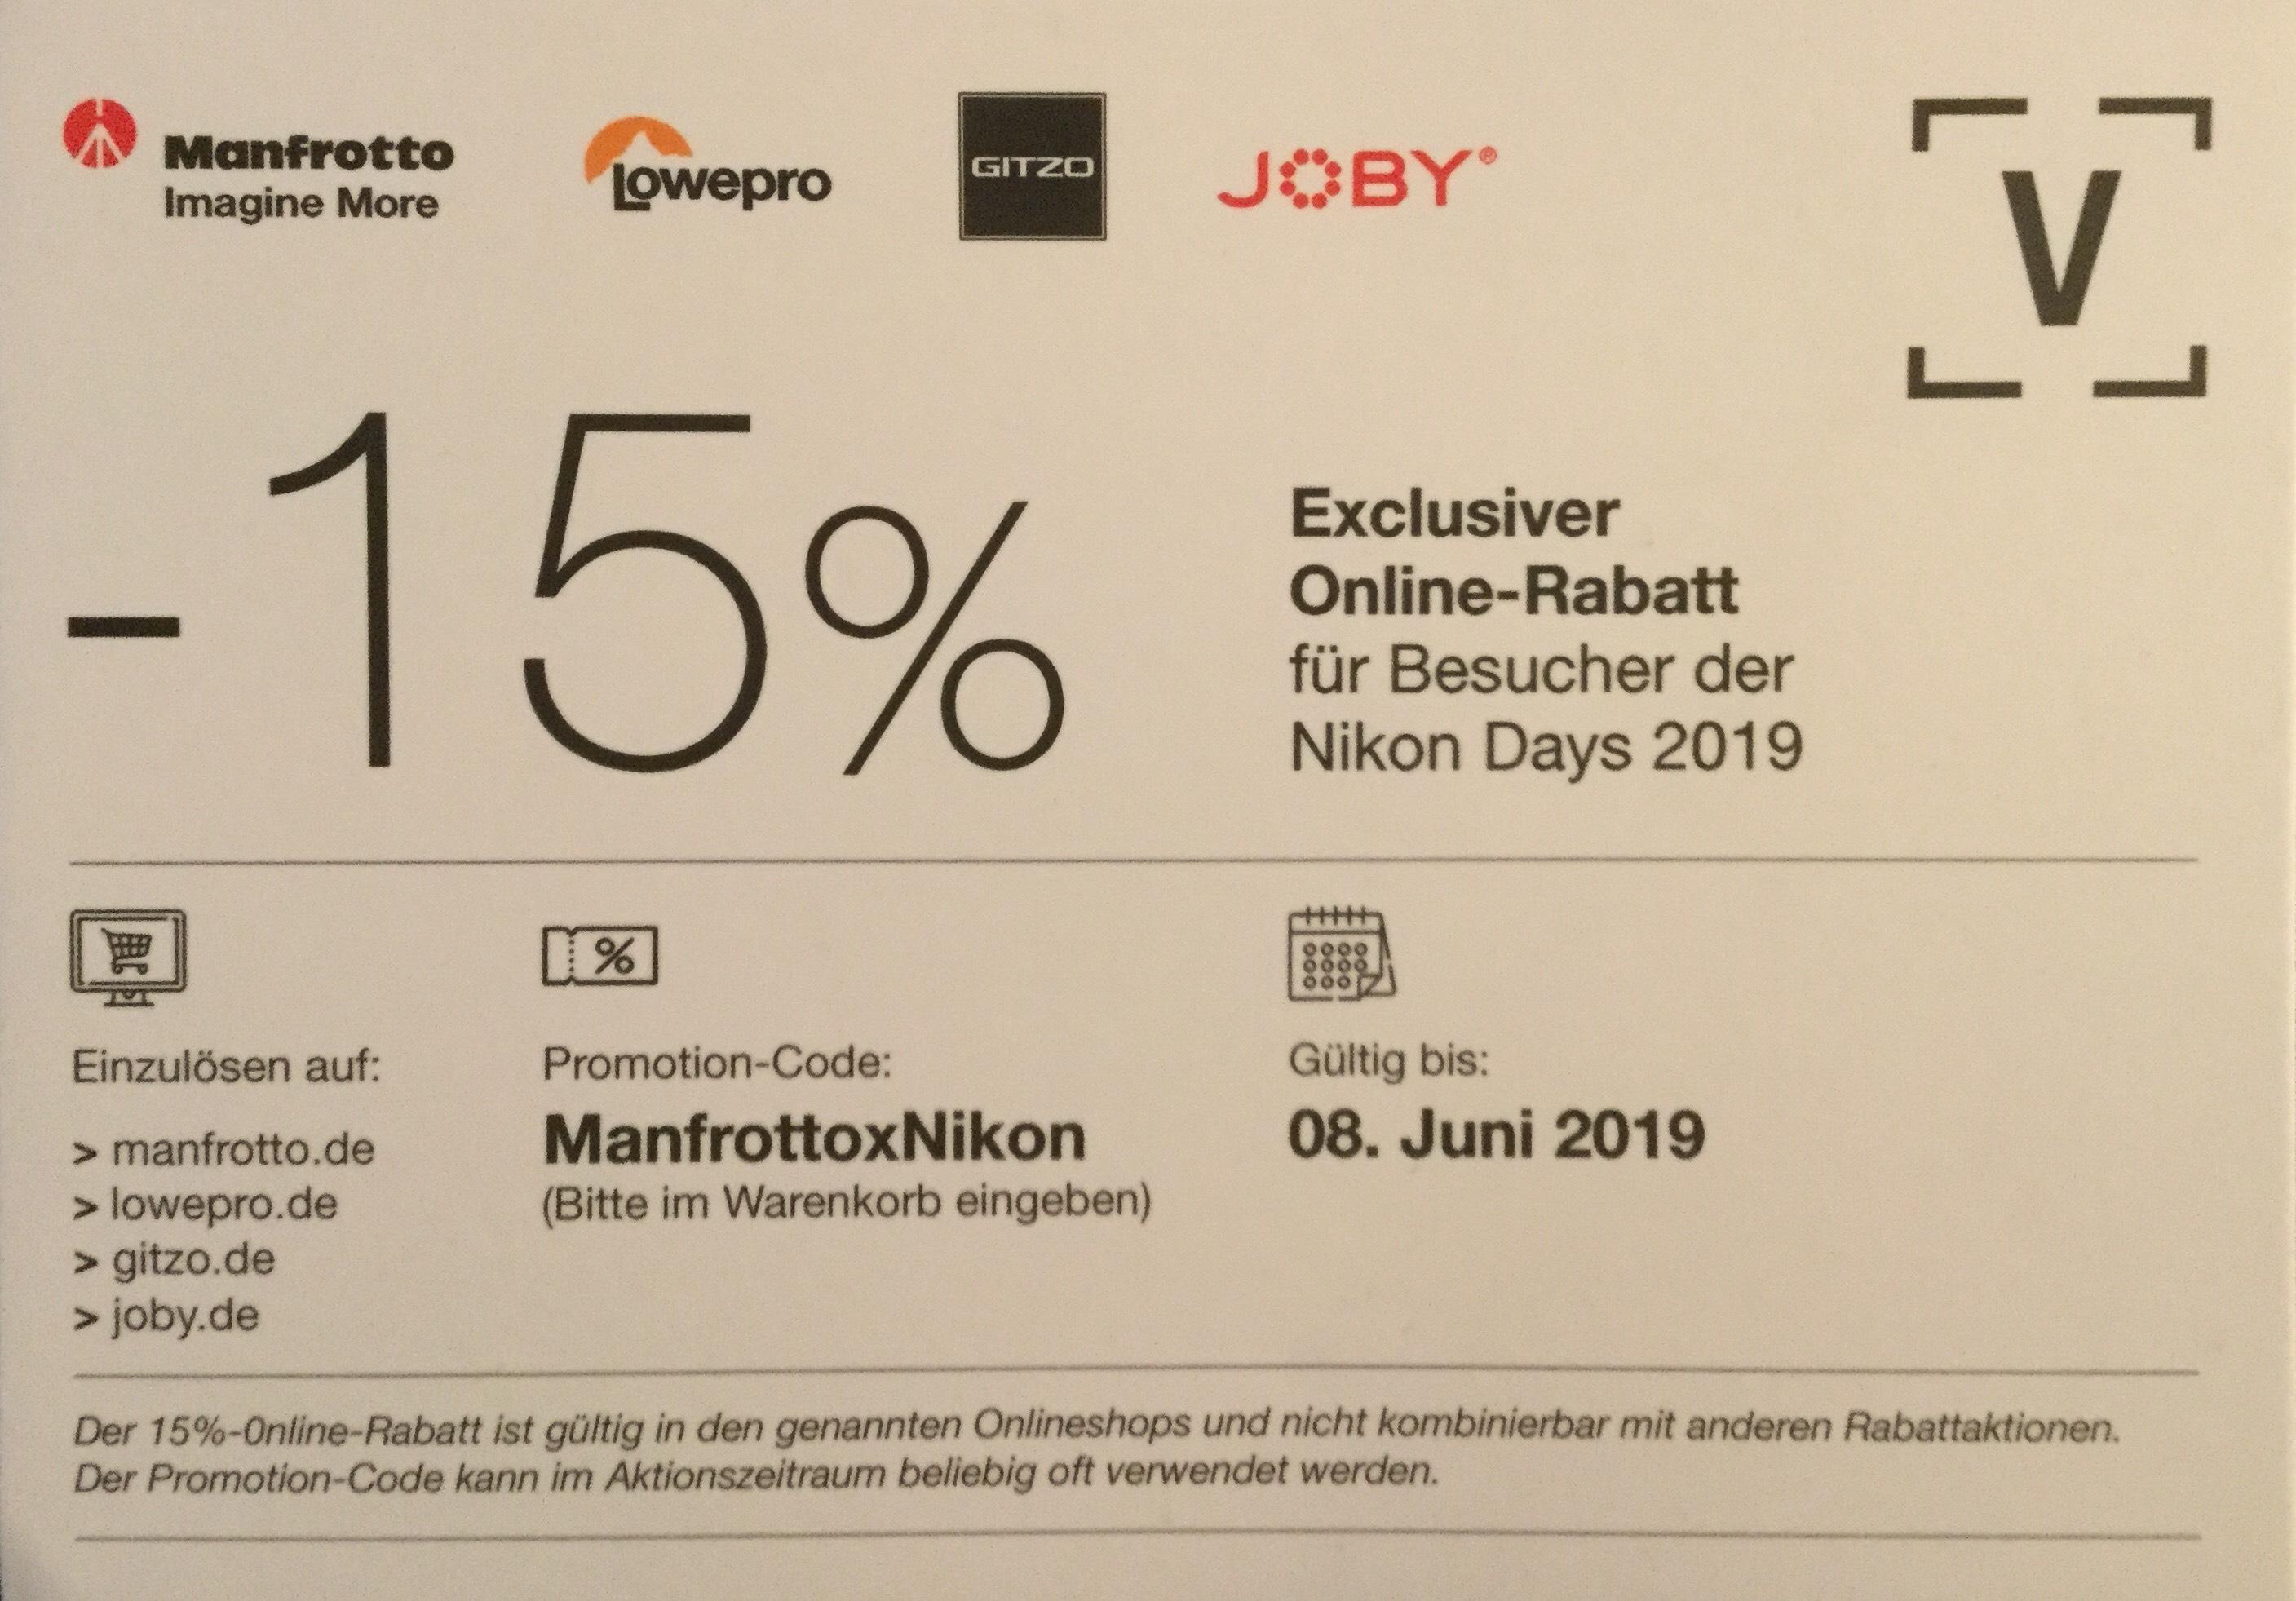 15% Online Rabatt bei Manfrotto, Lowepro, Gitzo und Joby